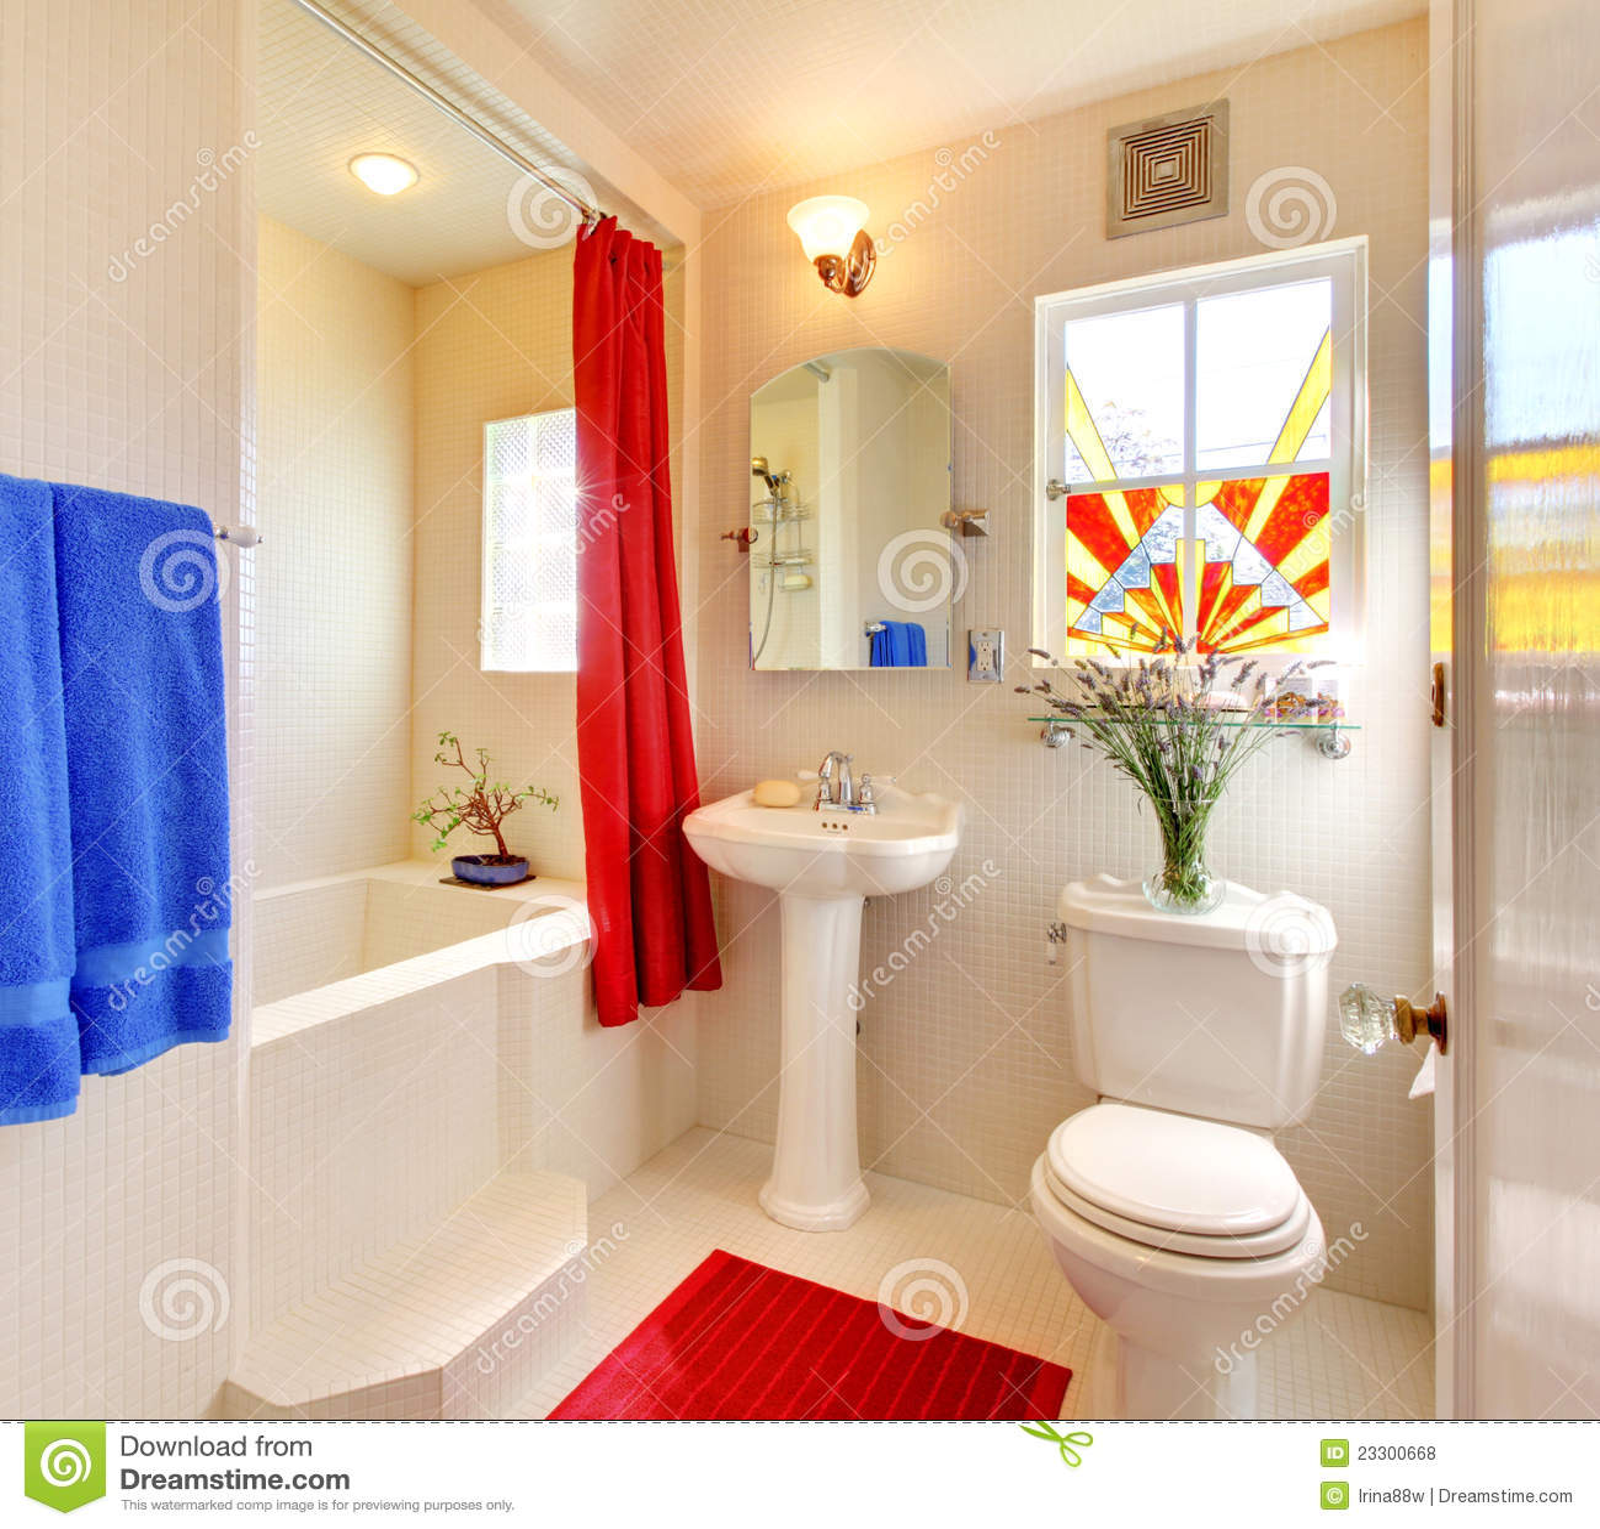 Banheiro Bonito Branco E Vermelho Moderno. Fotos de Stock Royalty Free  #8D0D08 1300x1259 Banheiro Bonito E Funcional